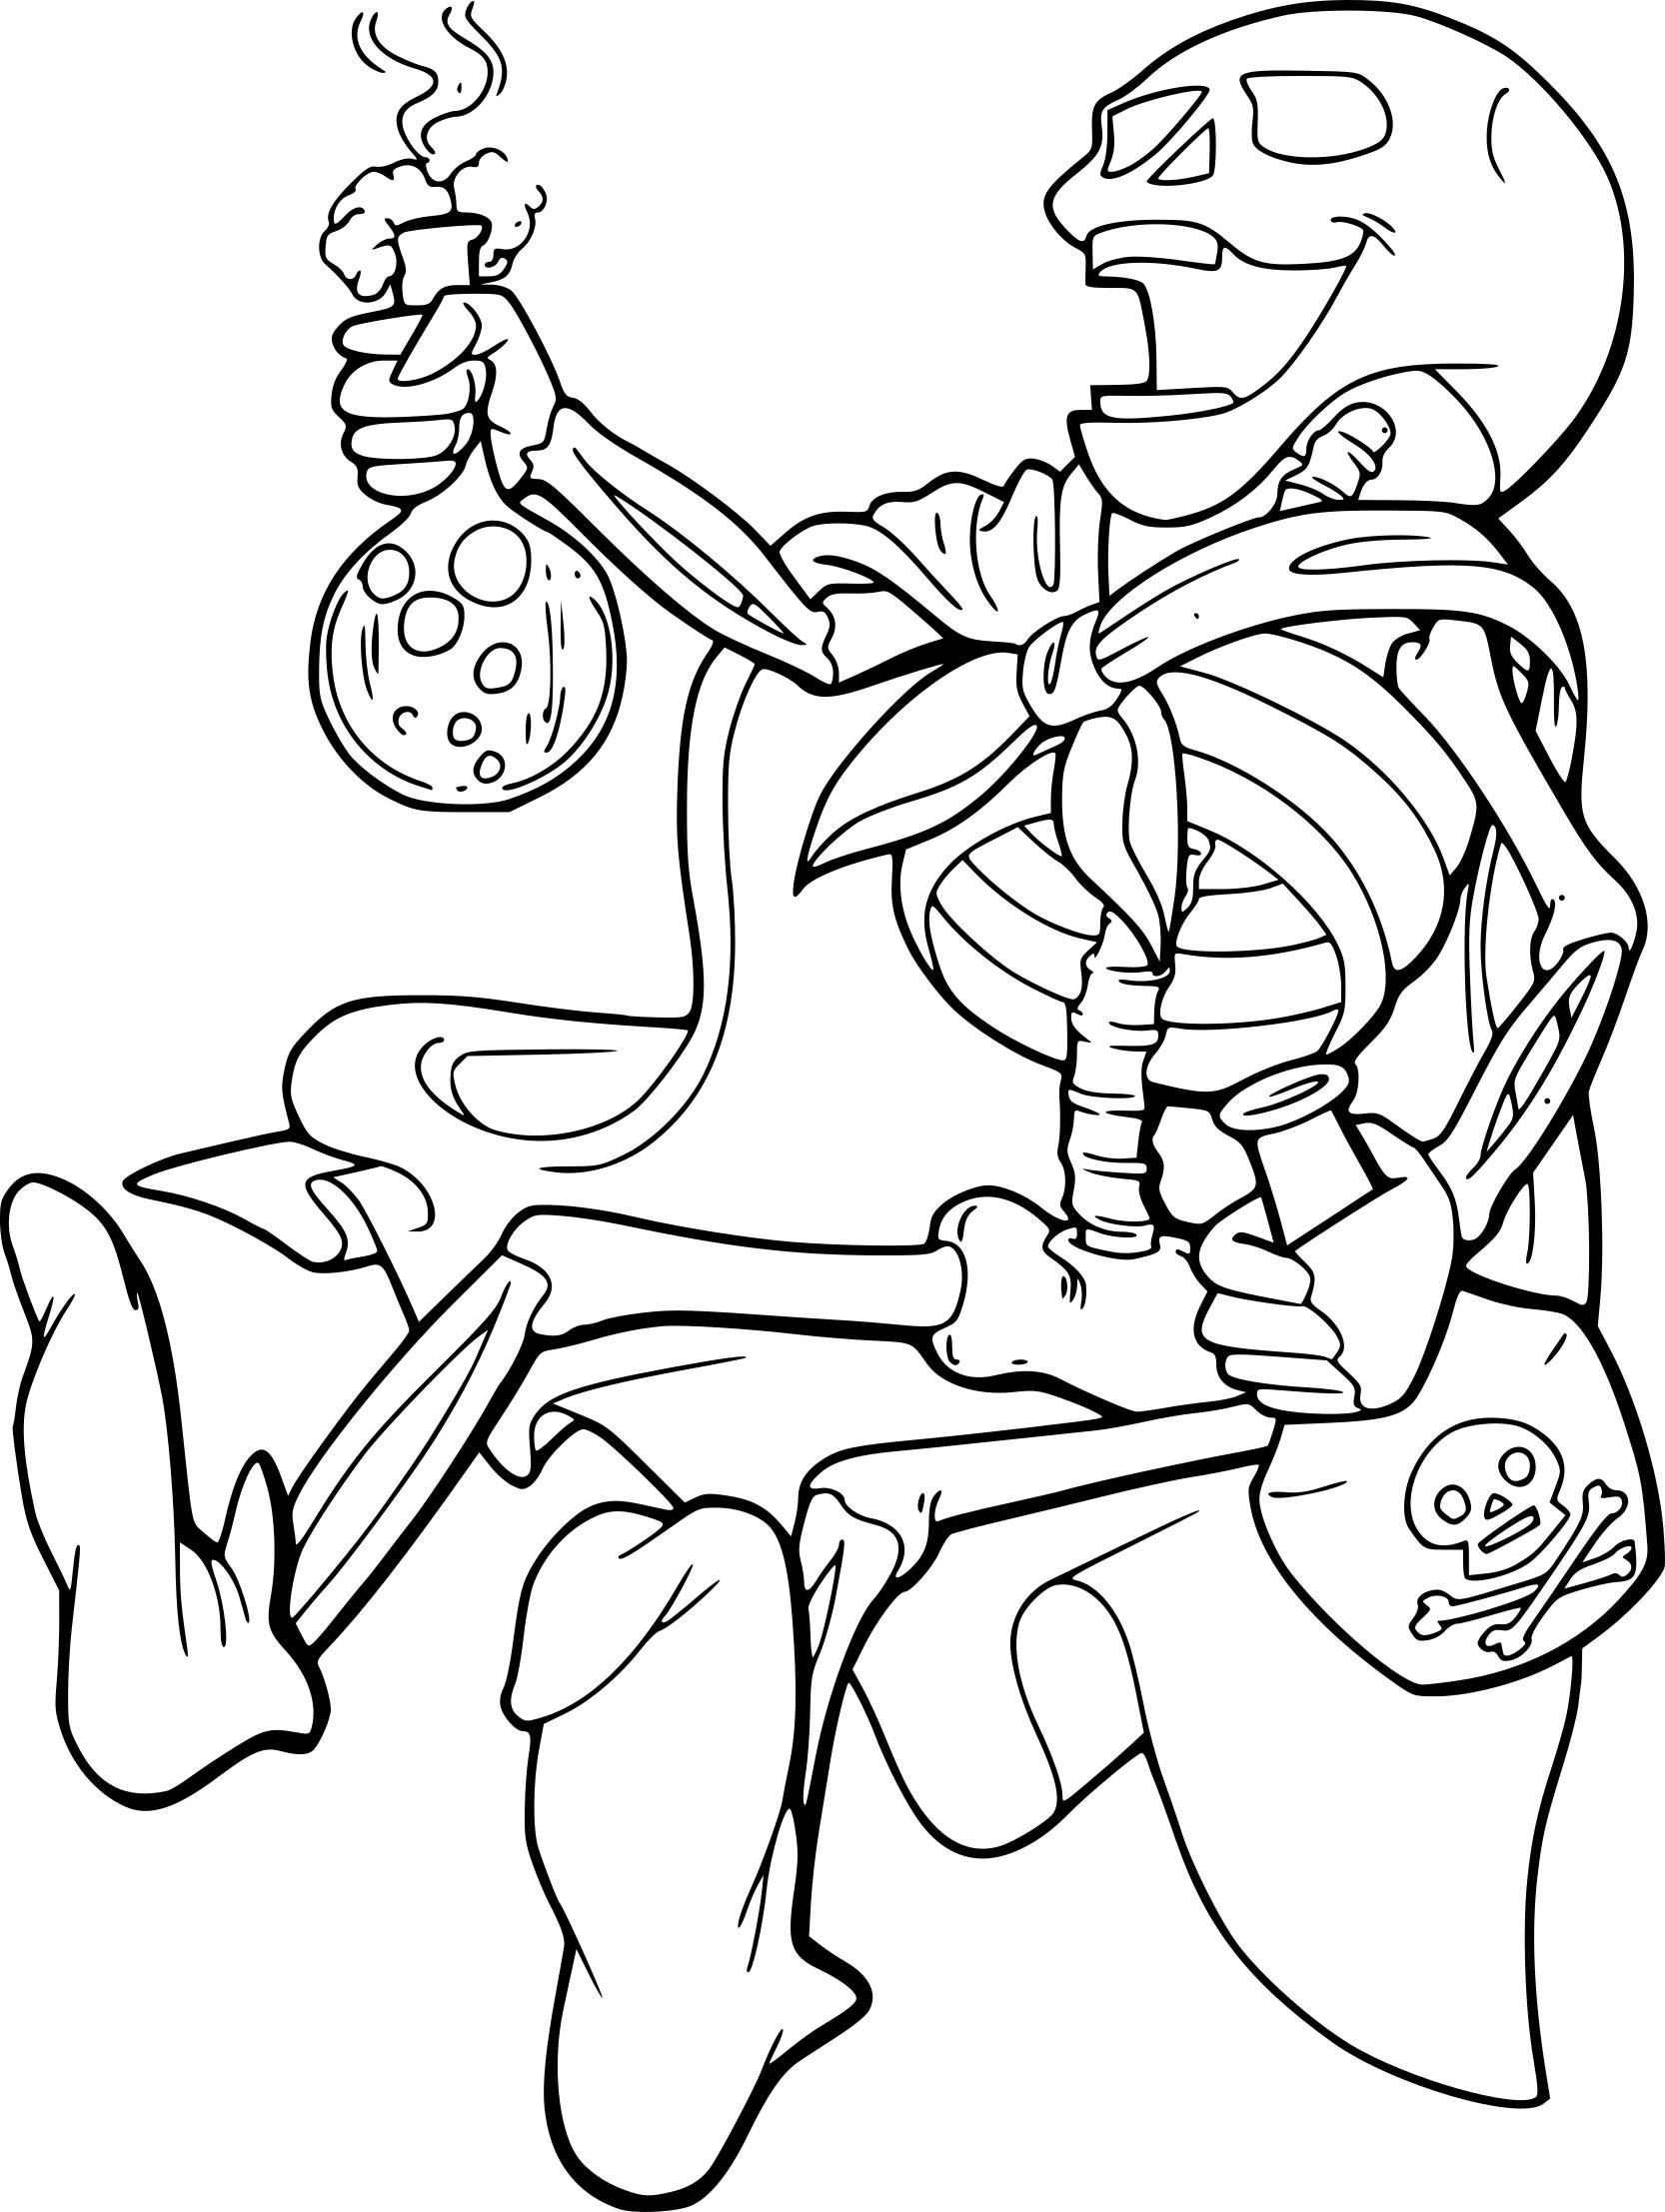 Coloriage Squelette Qui Fait Peur À Imprimer Sur à Squelette A Imprimer